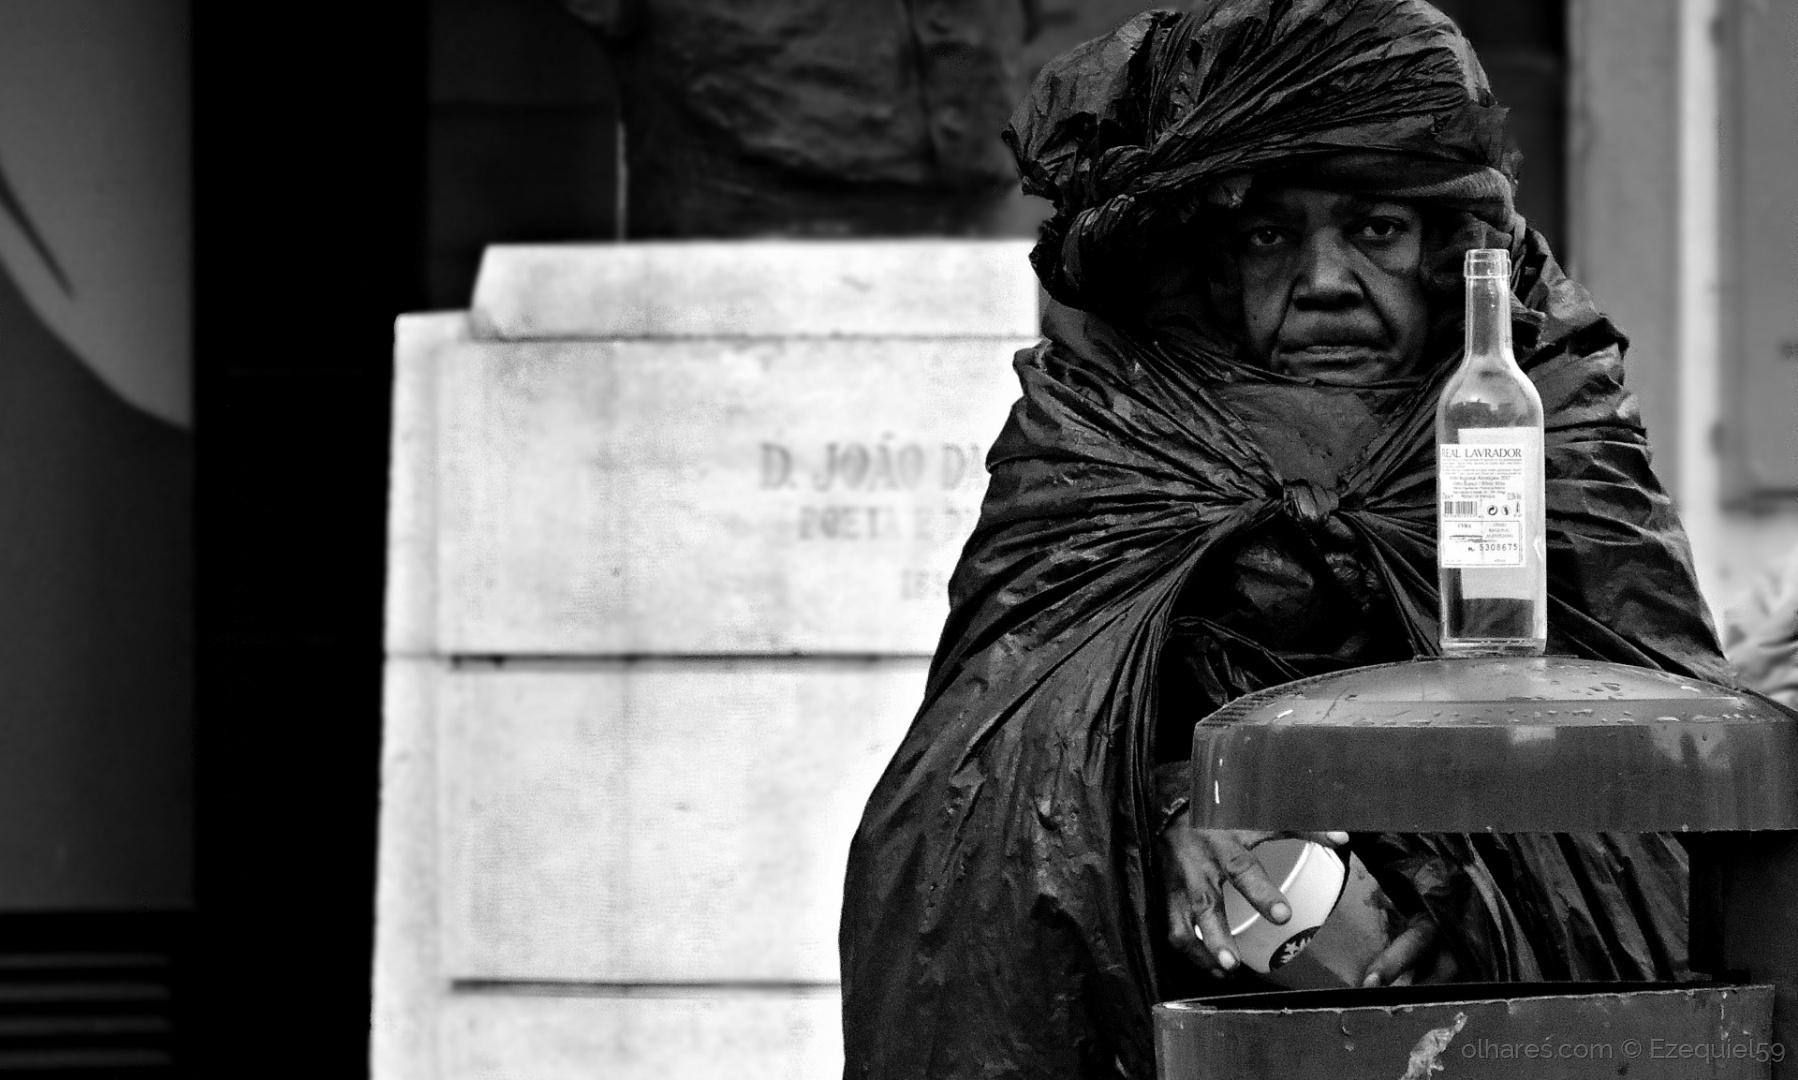 © Ezequiel59 - Da pobreza (Ler descrição)